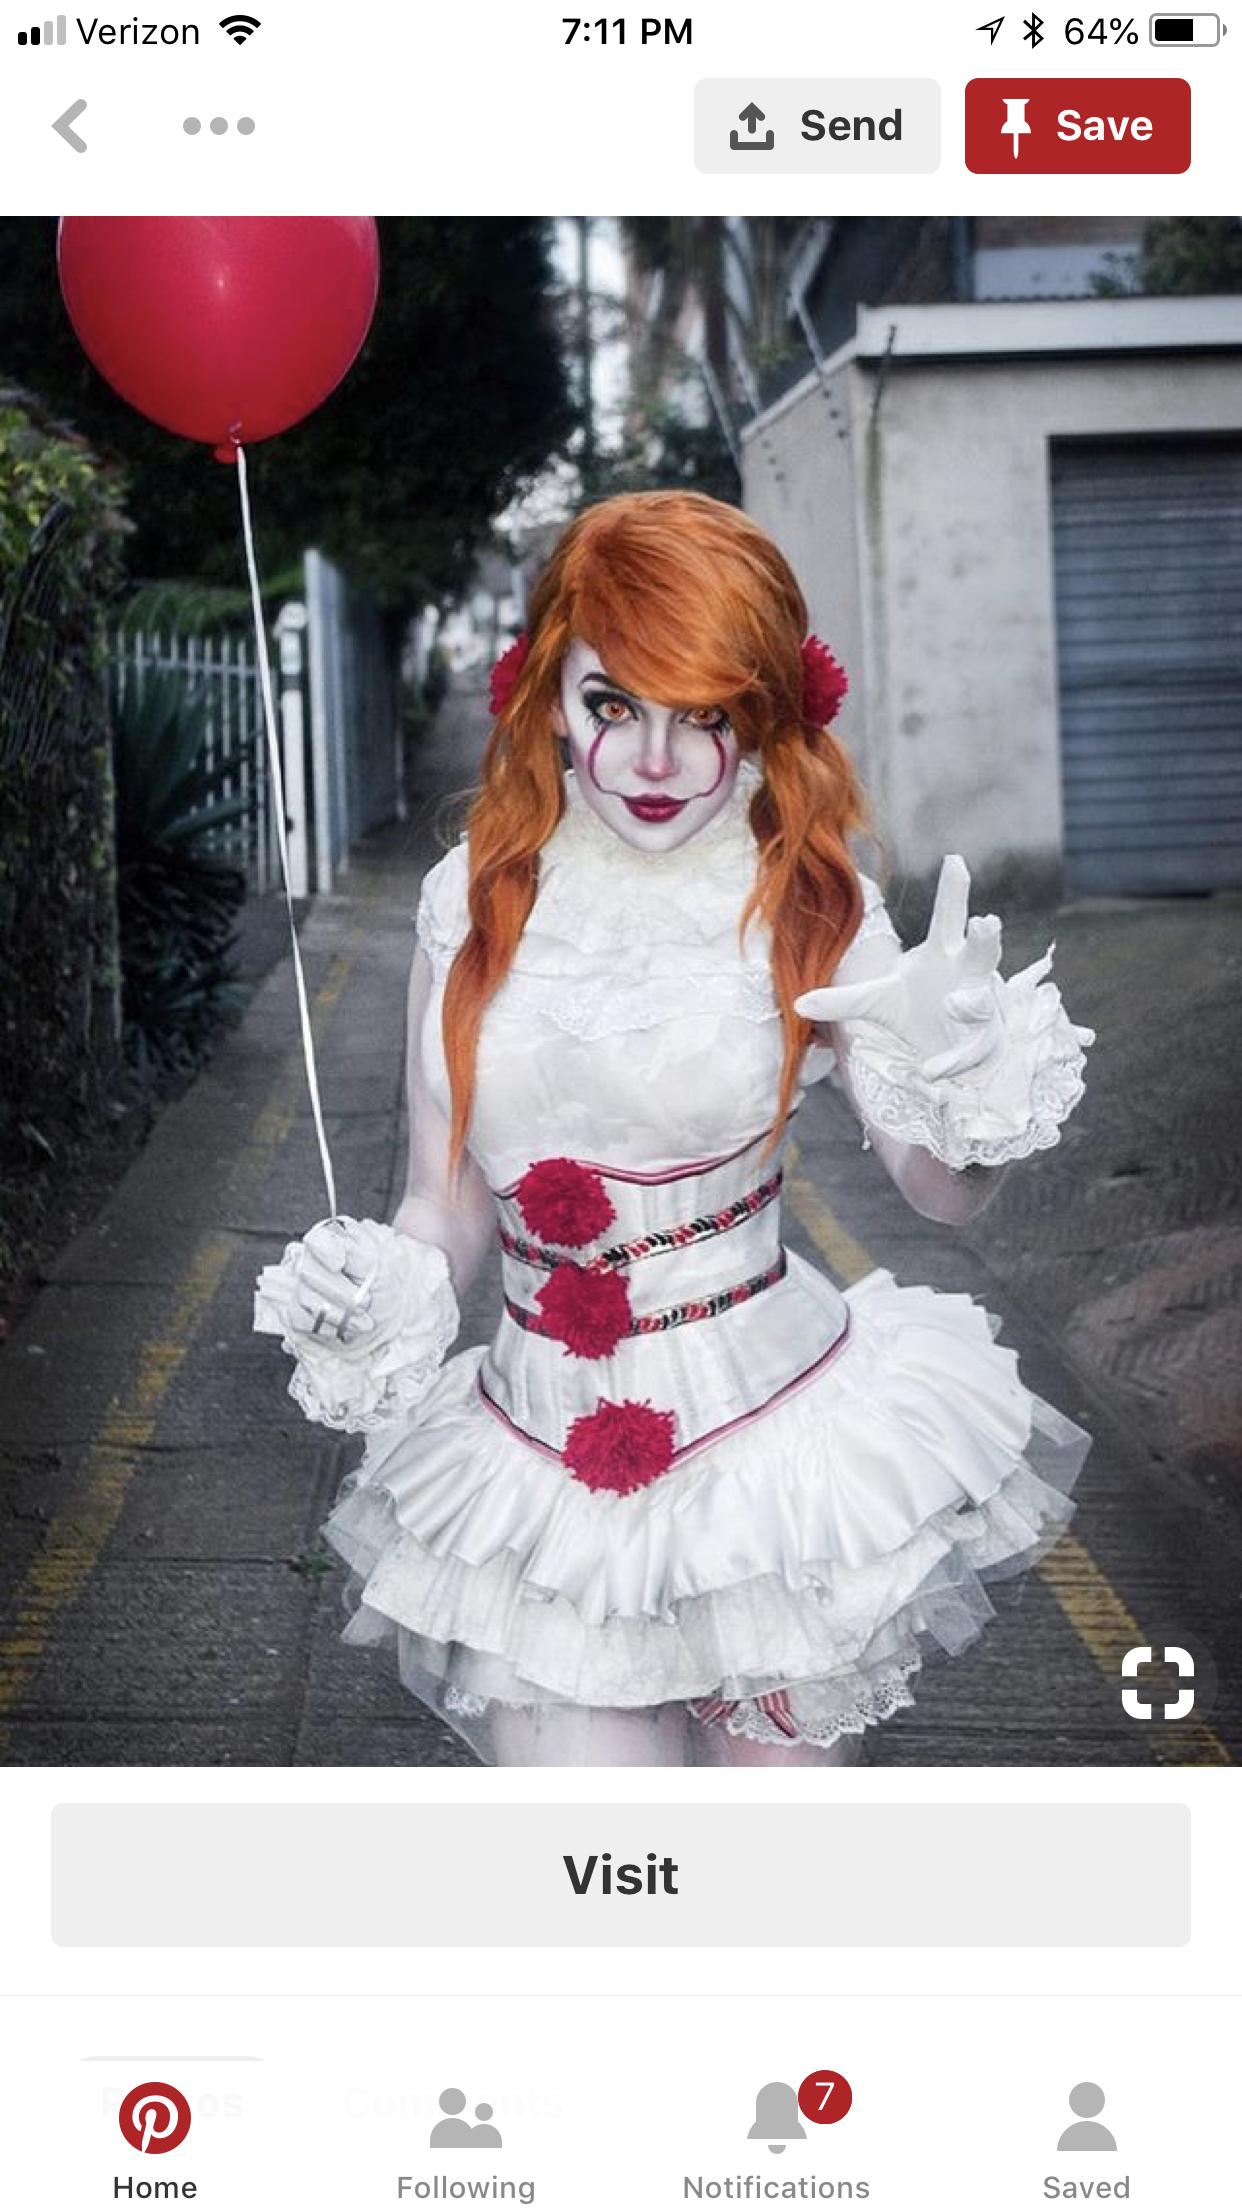 Pin by Riina Keurulainen on Halloween in 2019